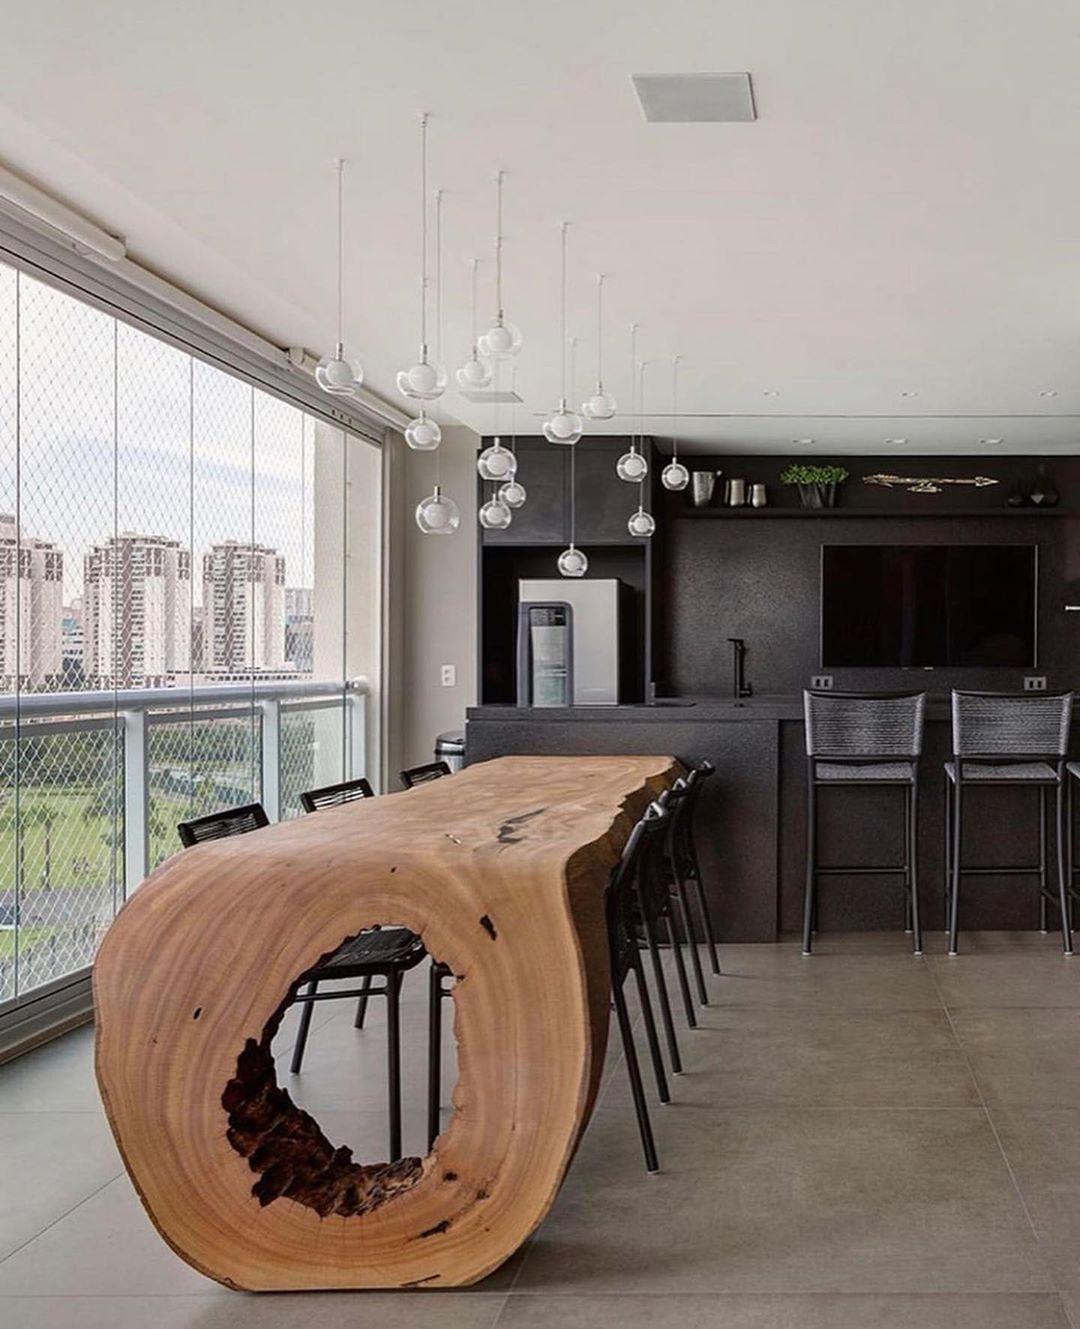 Airbnb Obtenez Une Reduction De 30 Sur Votre Premiere Aventure En 2020 Interieur Maison Design Deco Maison Interieur Interieur Maison